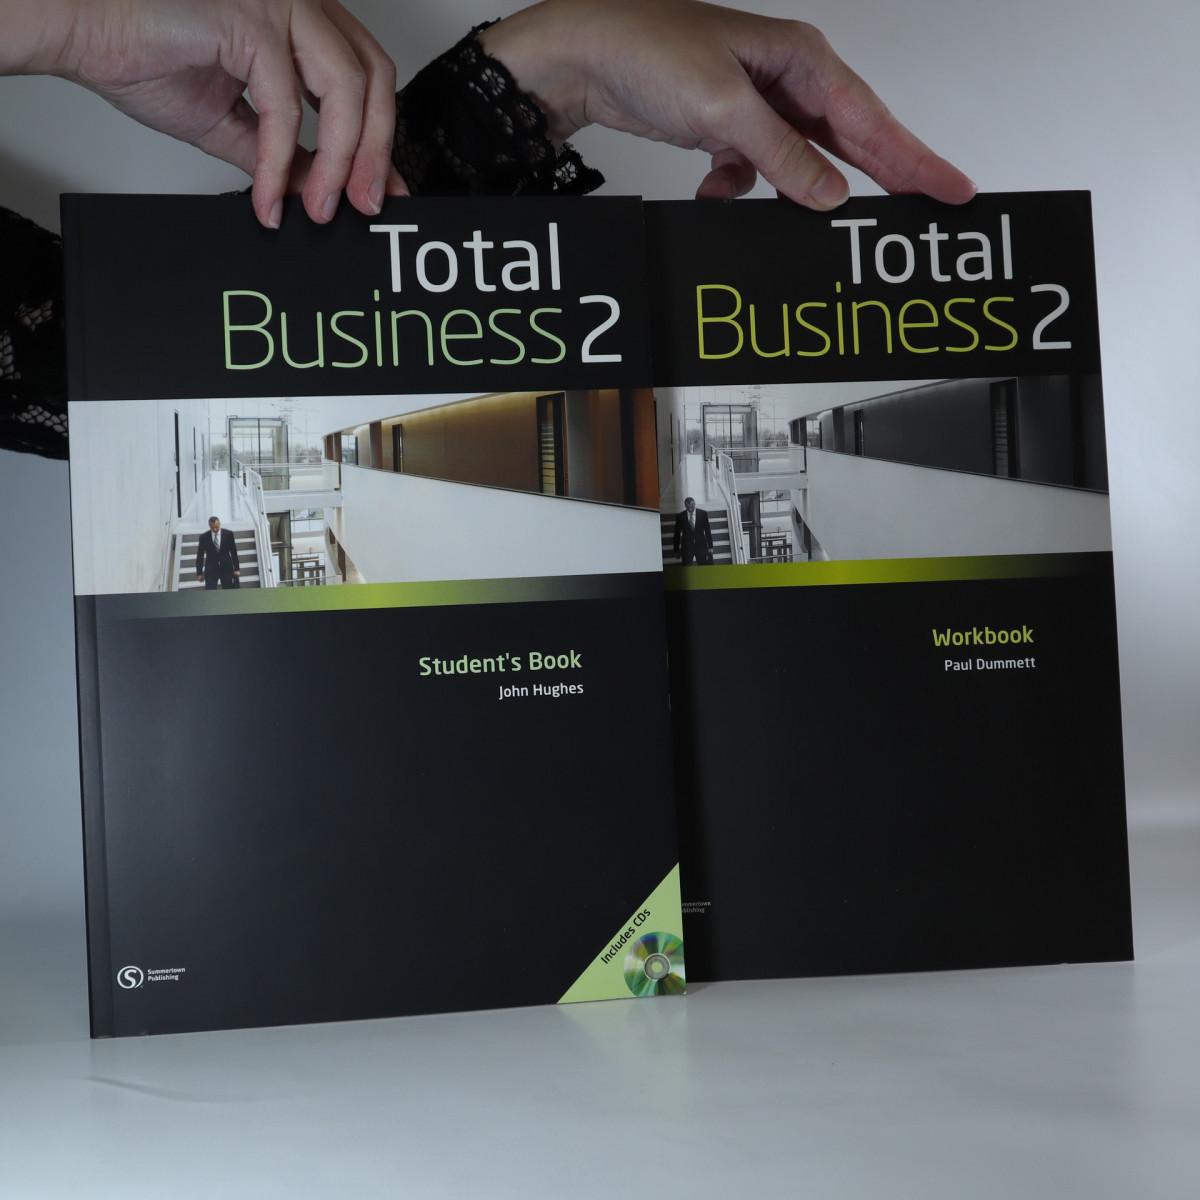 antikvární kniha Total Business 2. Student's Book + Workbook (včetně CD, 2 svazky, viz foto), neuveden